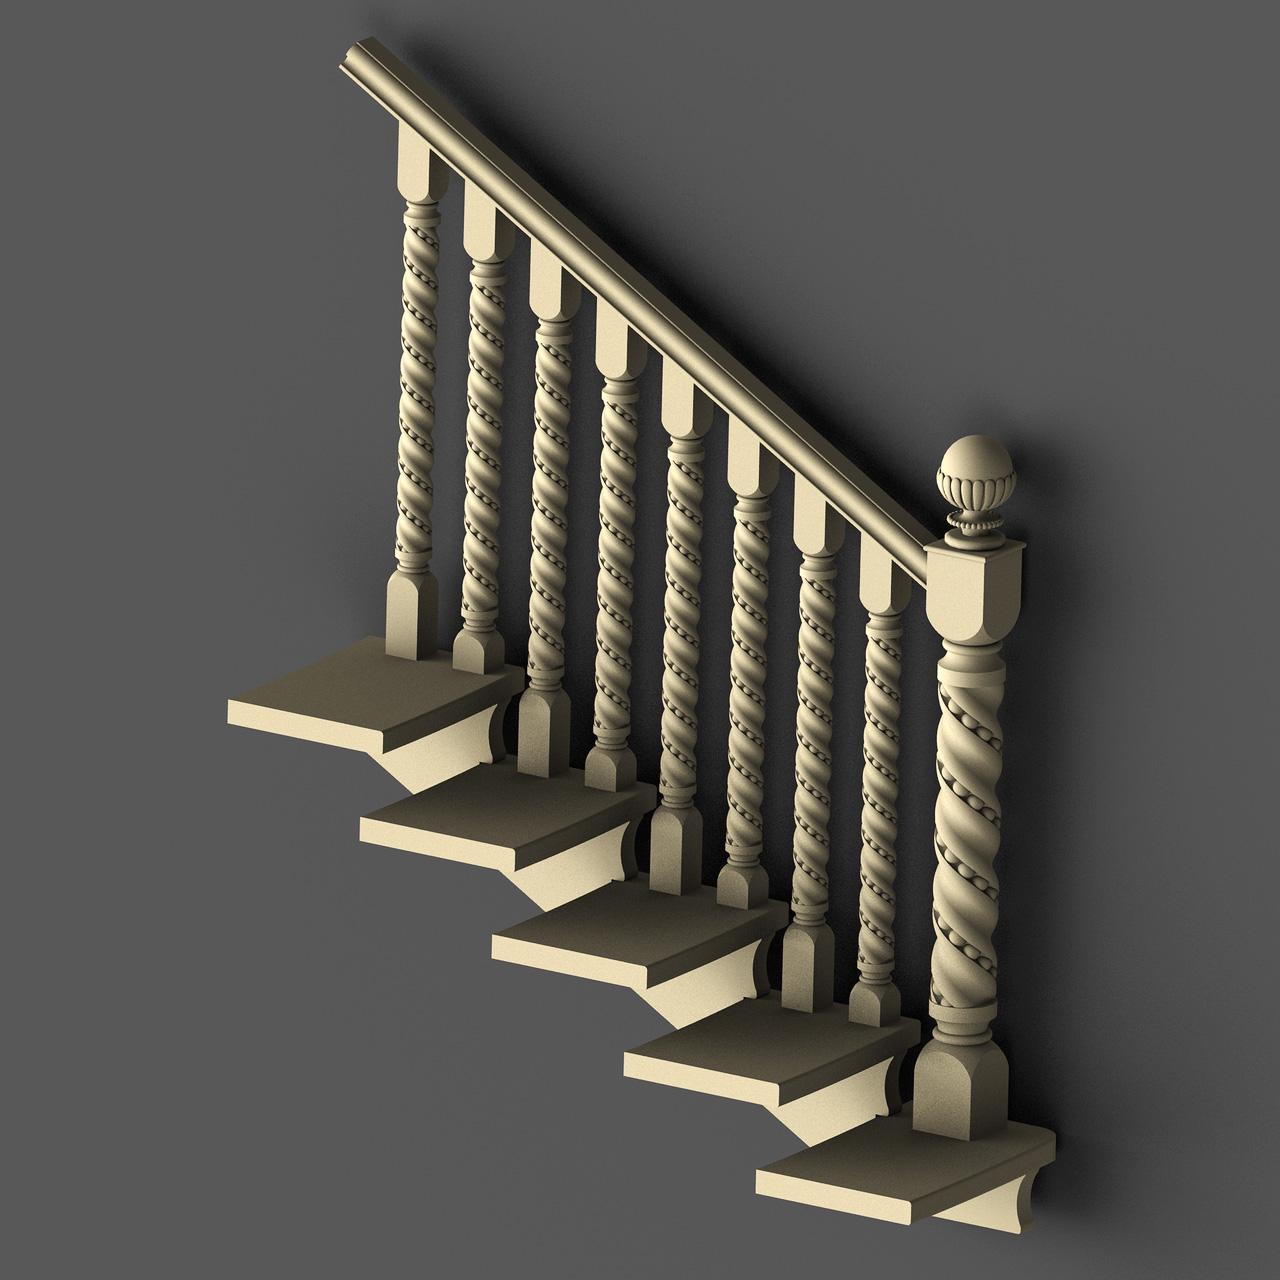 Так выглядят балясины, установленные на ступени